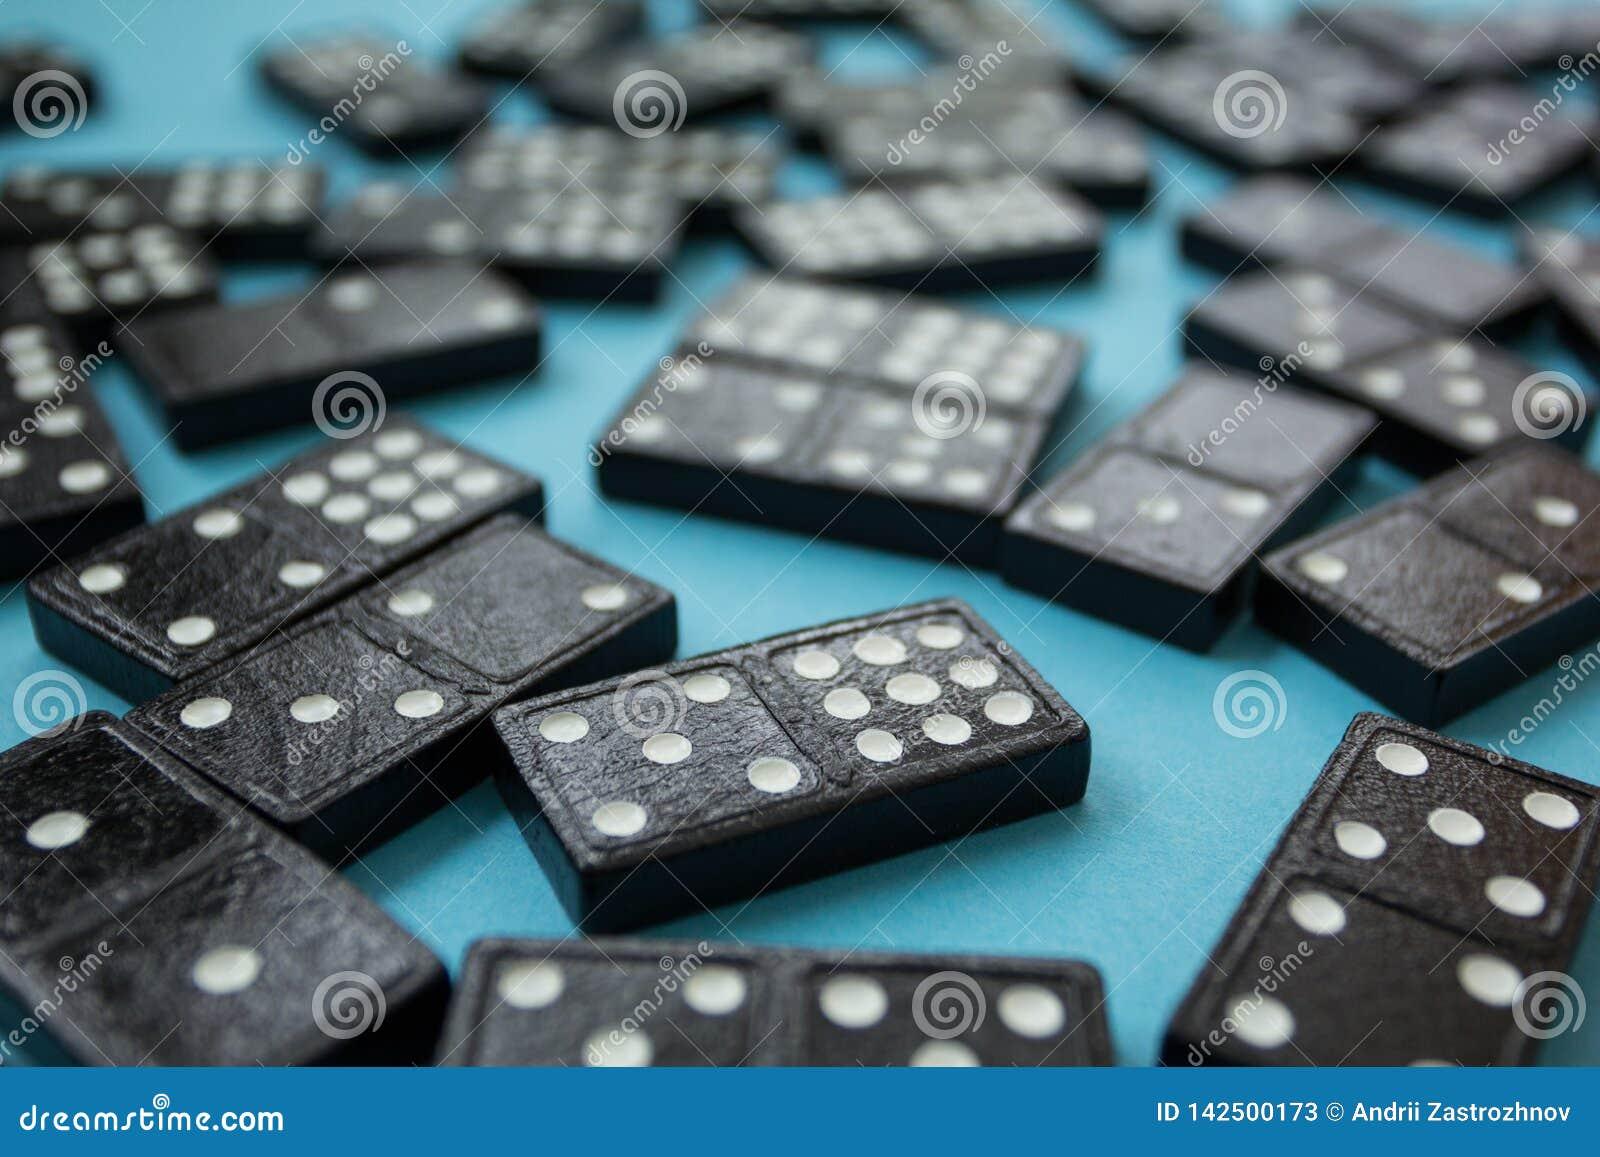 Bakgrund av desorganiserade dominobrickastycken över blått